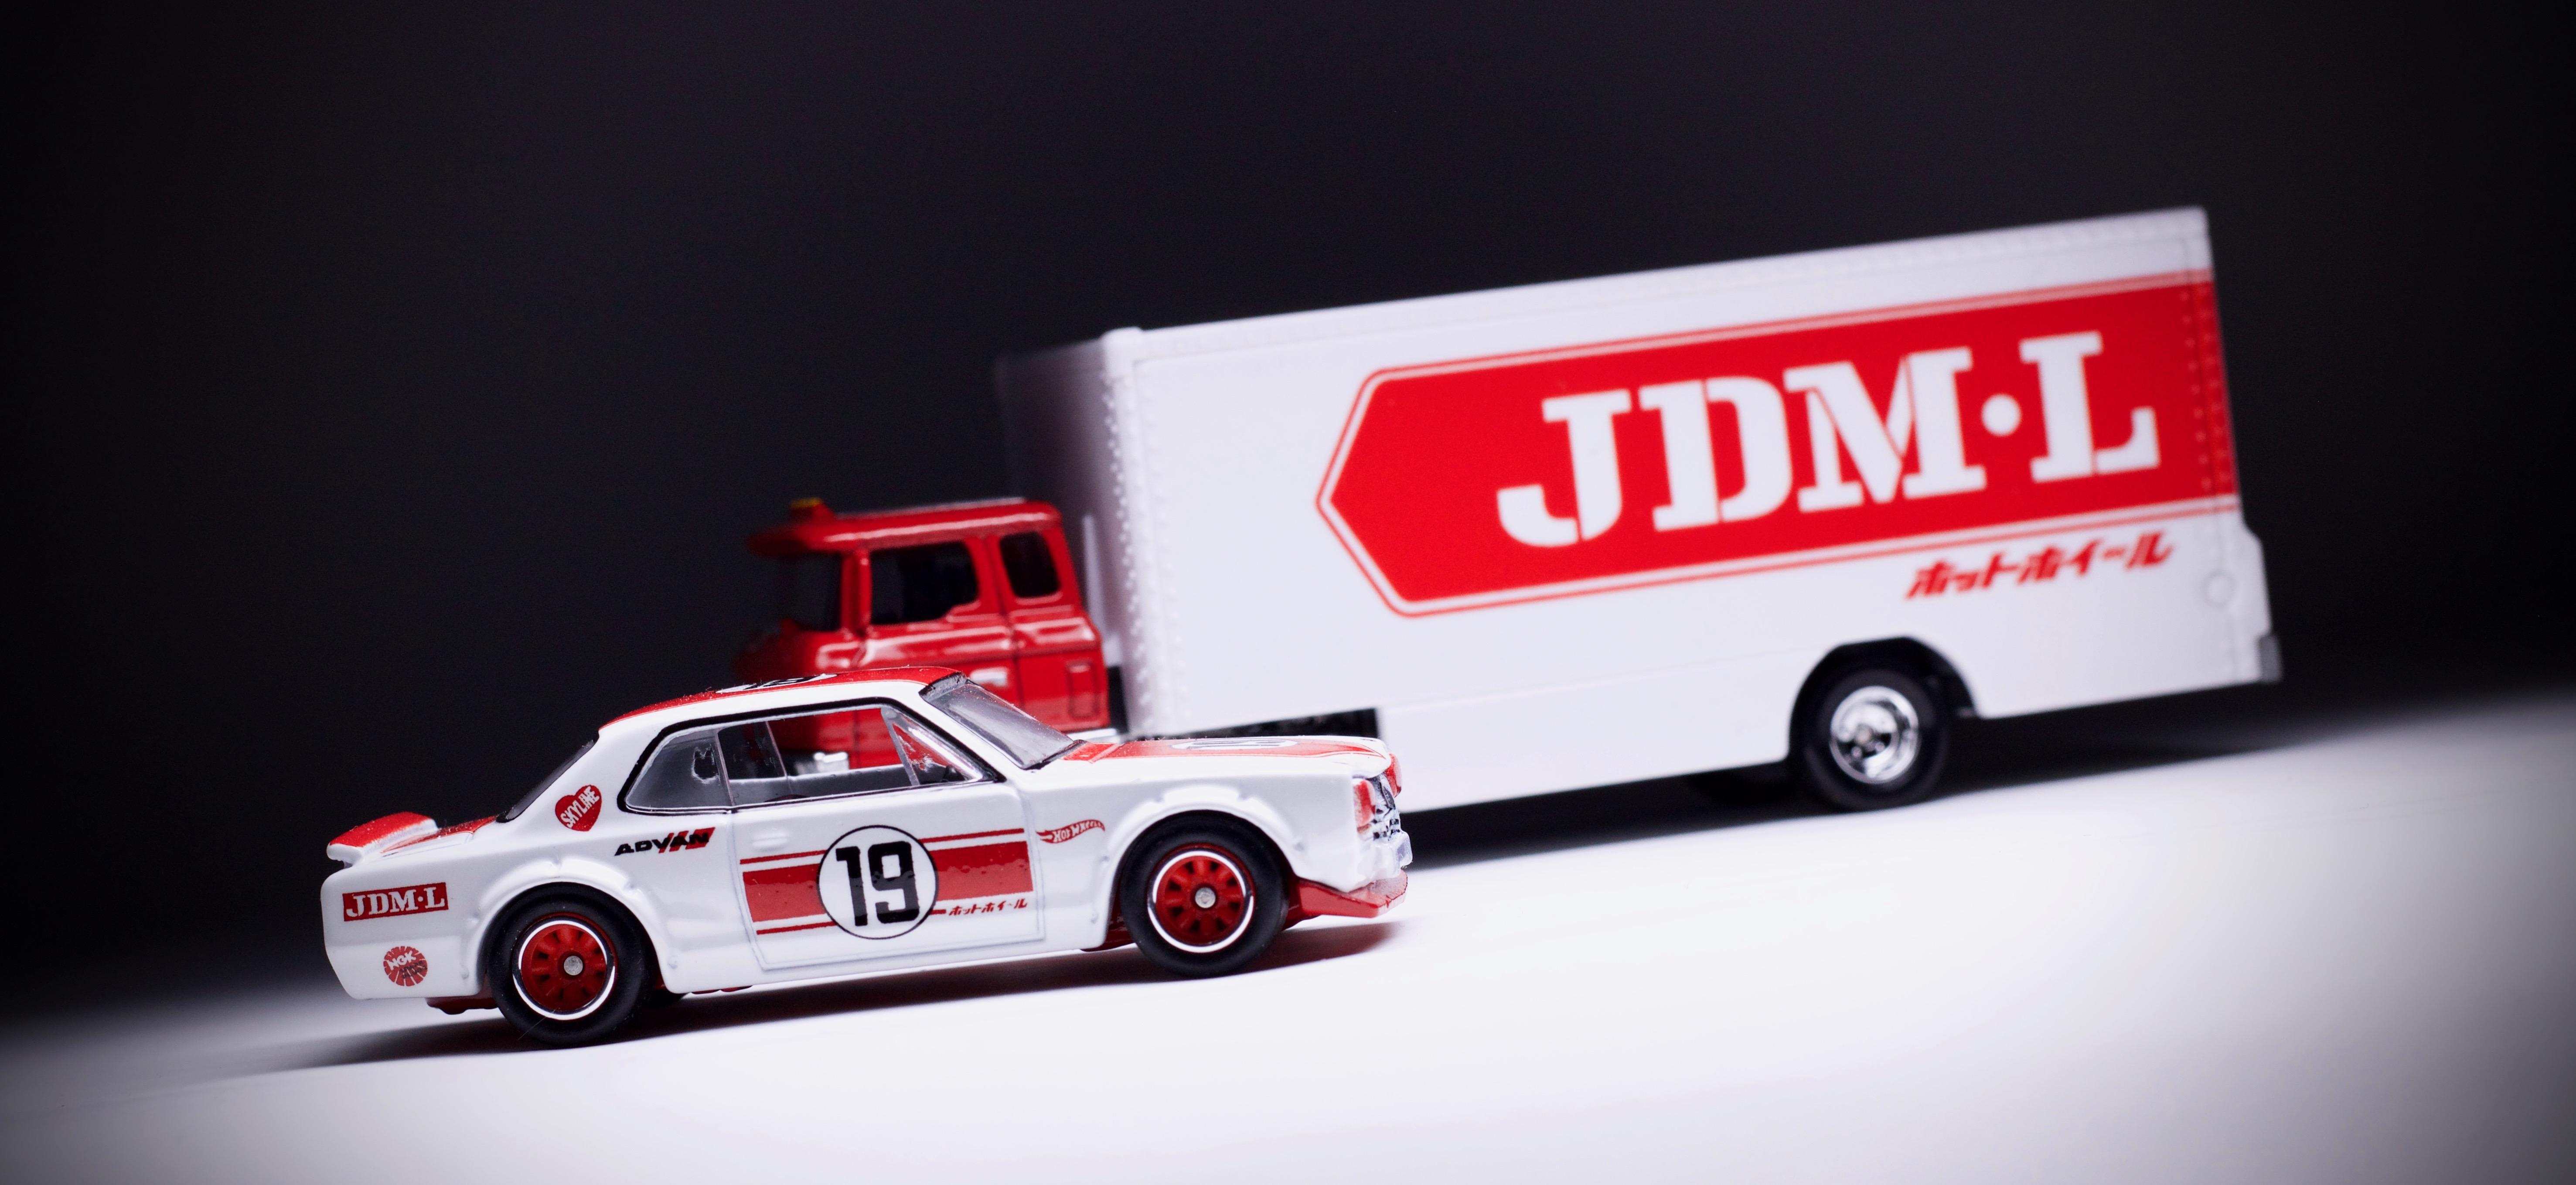 Nissan Skyline HT 2000 GT-X JDM-L Hot Wheels Team Transport 2019 New Real Riders